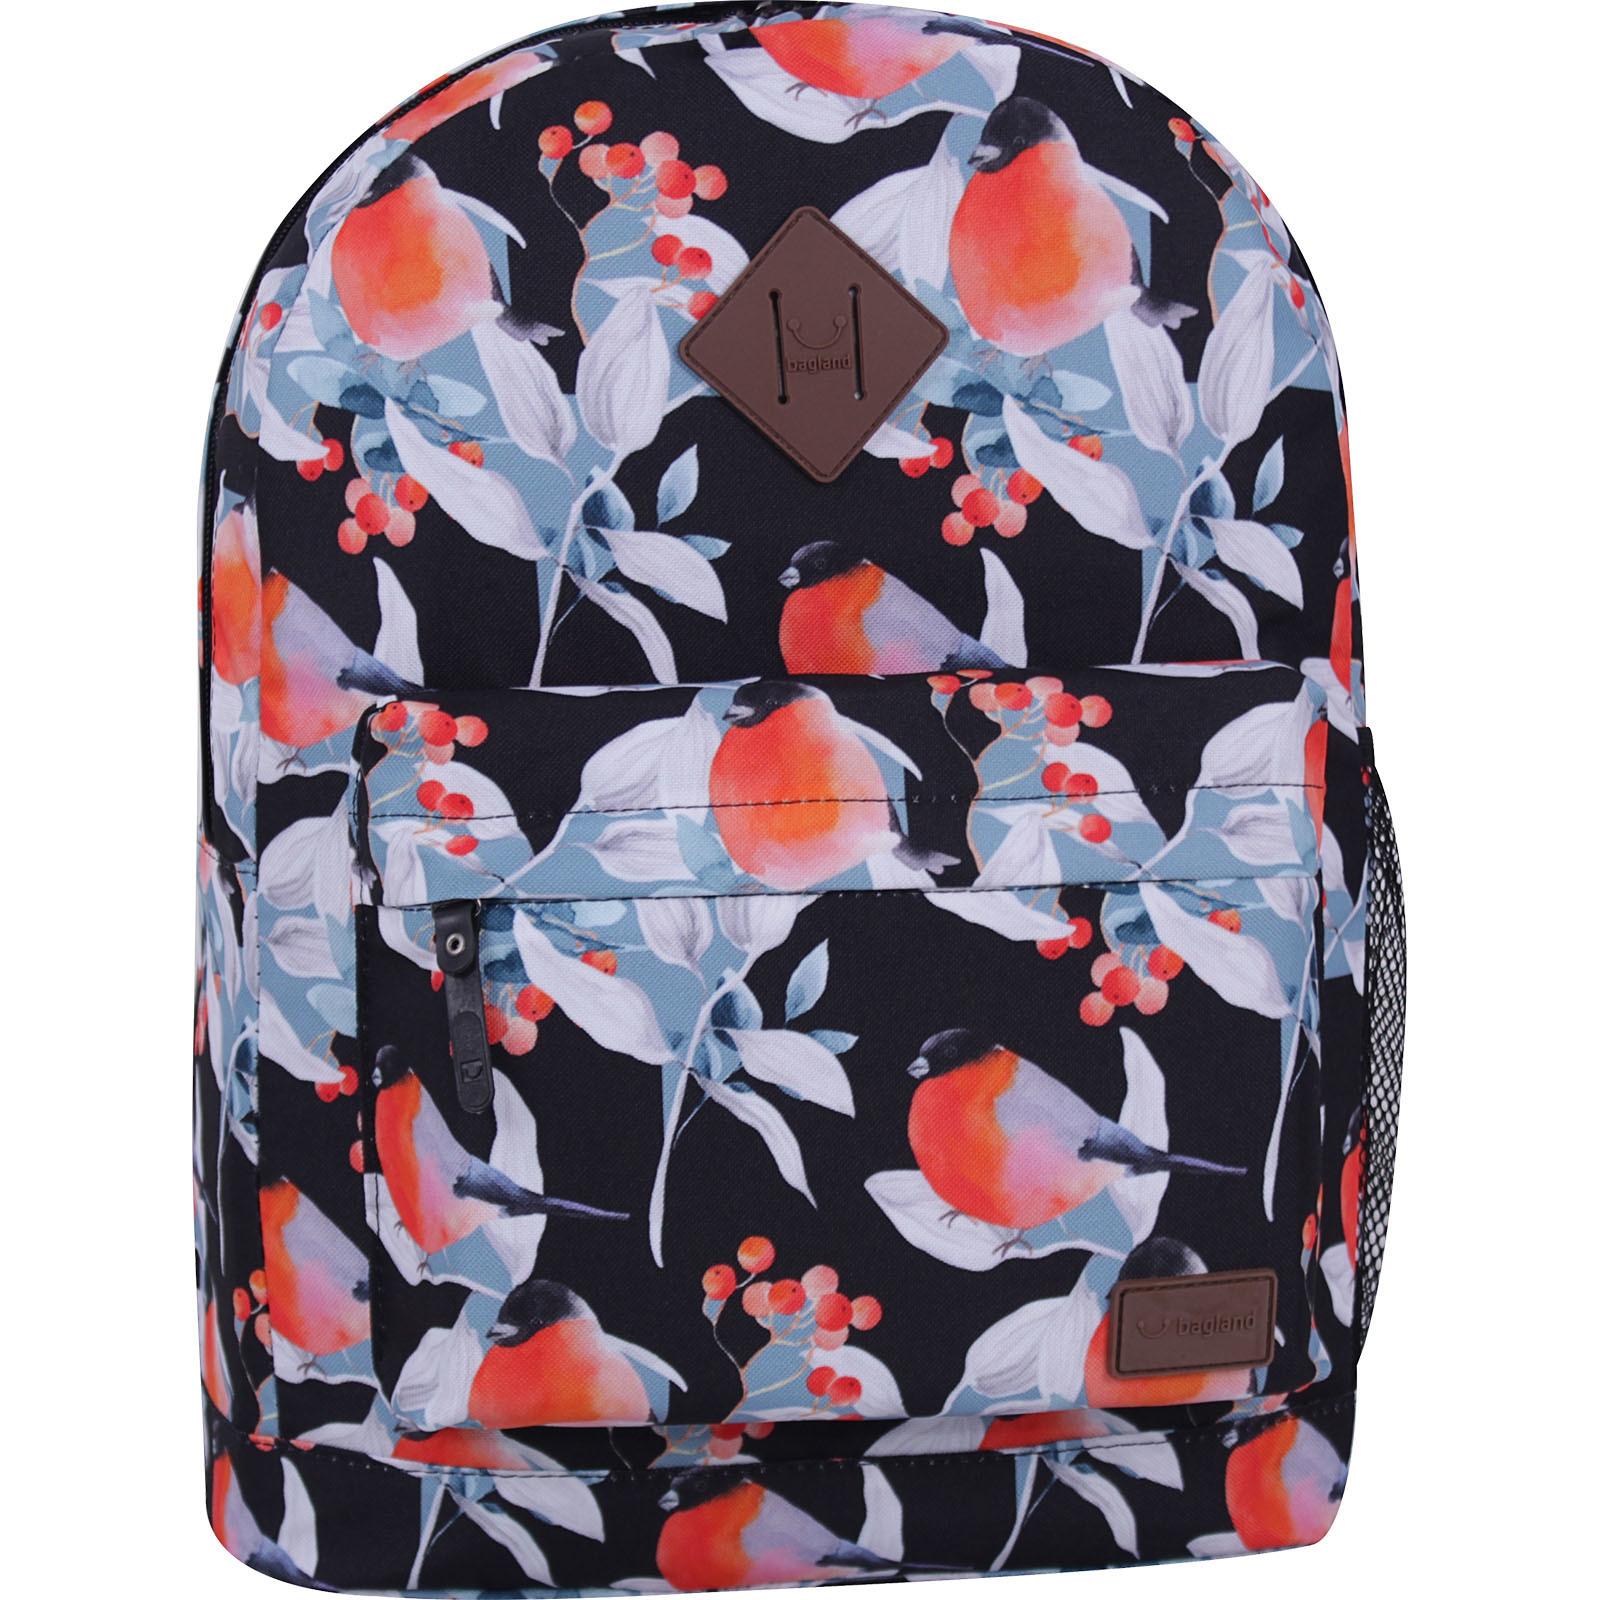 Молодежные рюкзаки Рюкзак Bagland Молодежный 17 л. сублімація 738 (00533664) IMG_7549_суб738_-1600.jpg